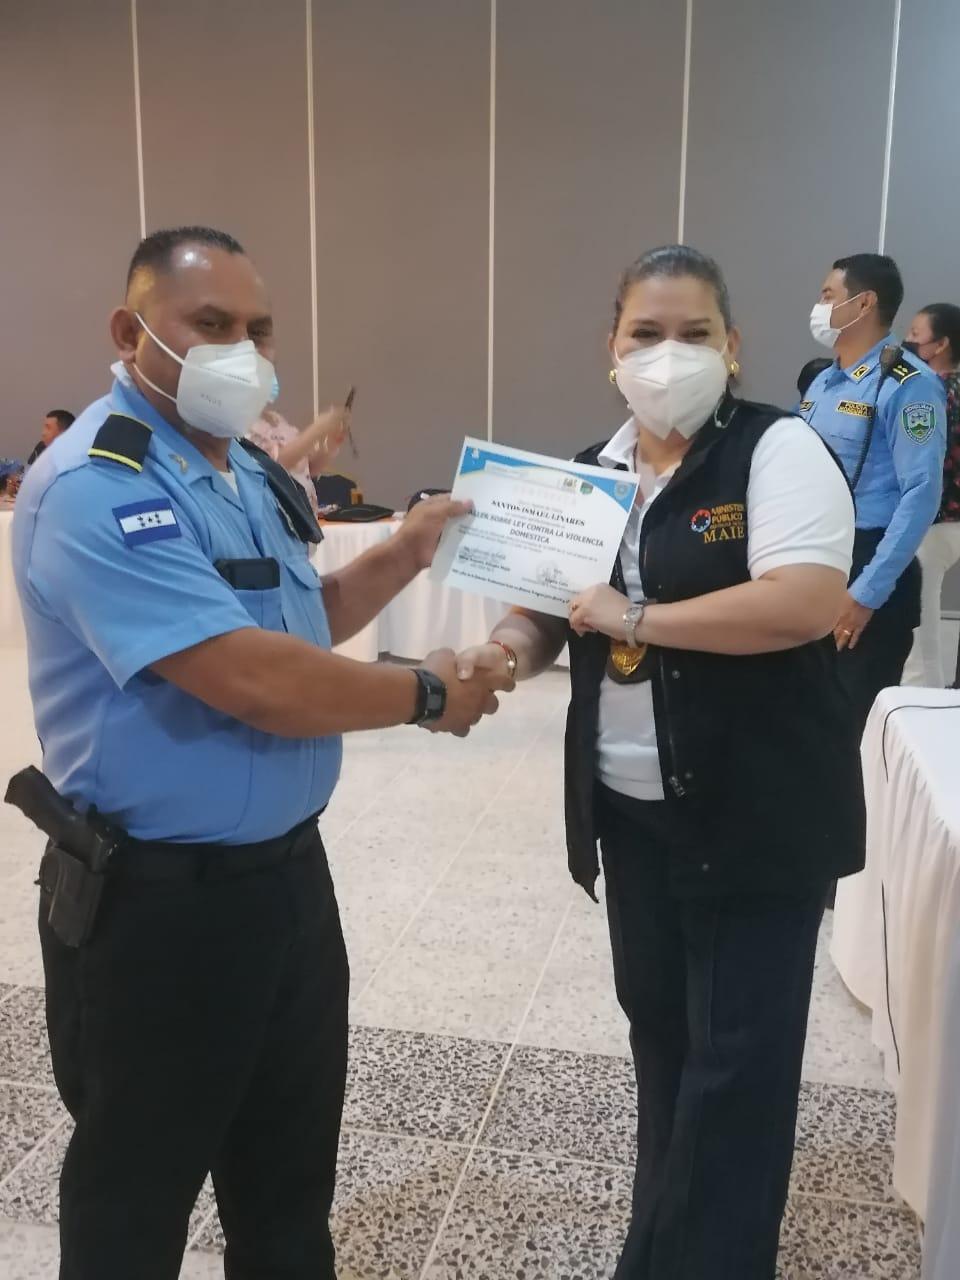 cxapacitación a 120 policías